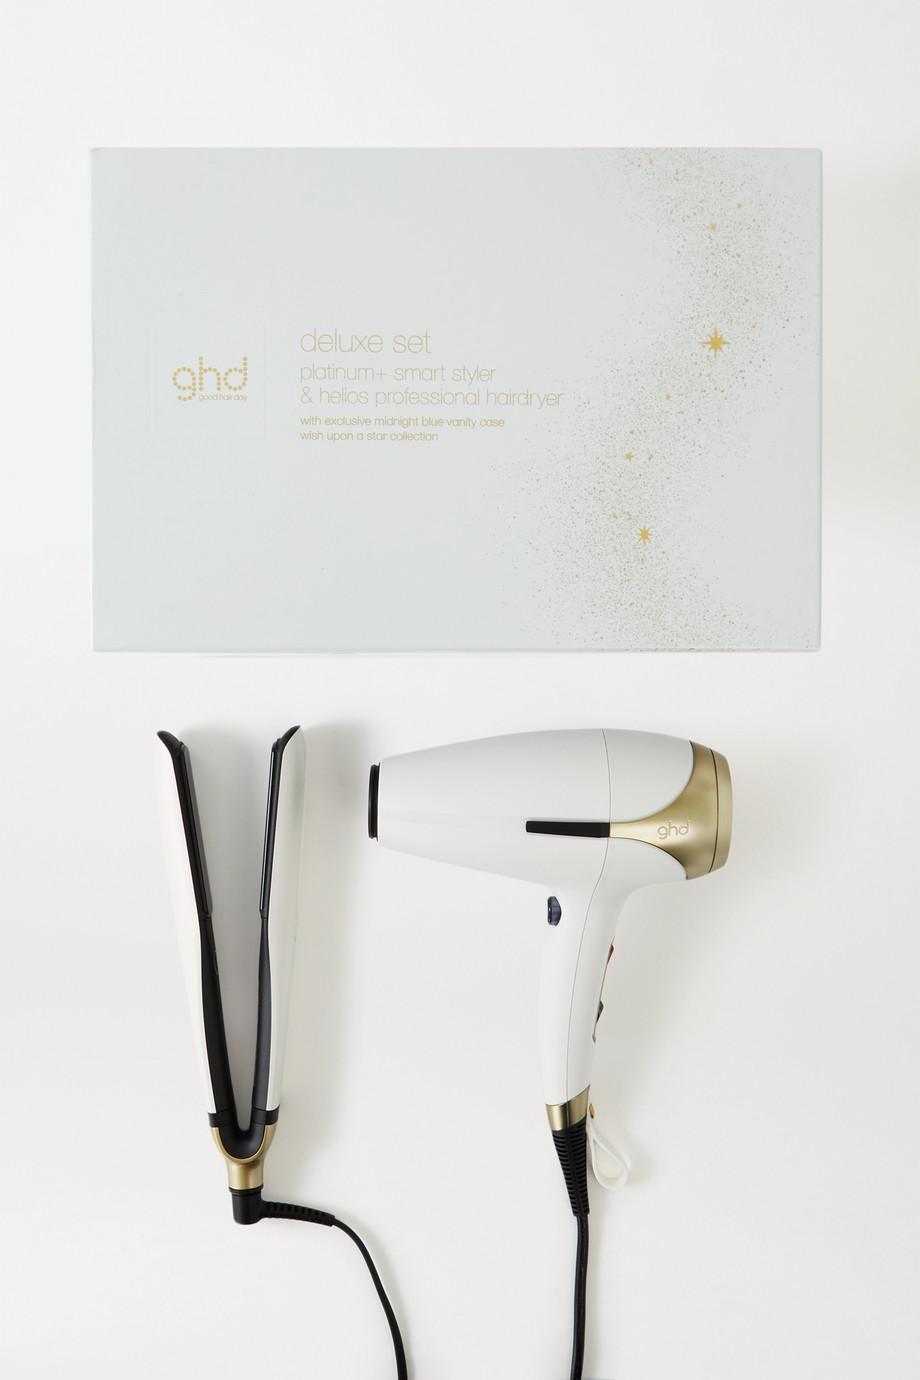 ghd Platinum+ & Helios Hair Dryer Limited Edition Iridescent Deluxe Gift Set – Set aus Haartrockner und Glätteisen mit dreipoligem Netzstecker (UK)